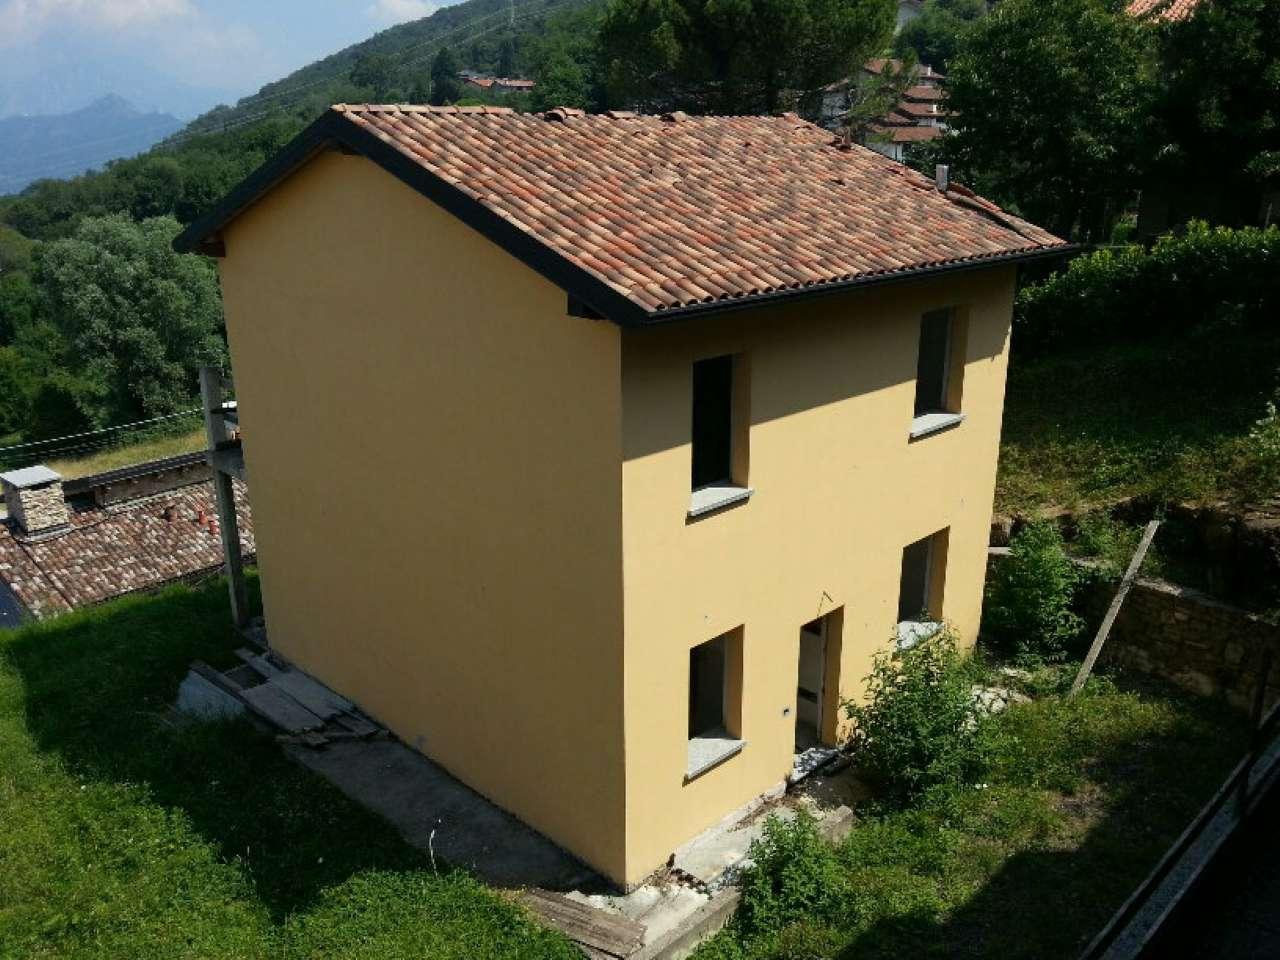 Villa in vendita a Colle Brianza, 4 locali, prezzo € 280.000 | CambioCasa.it